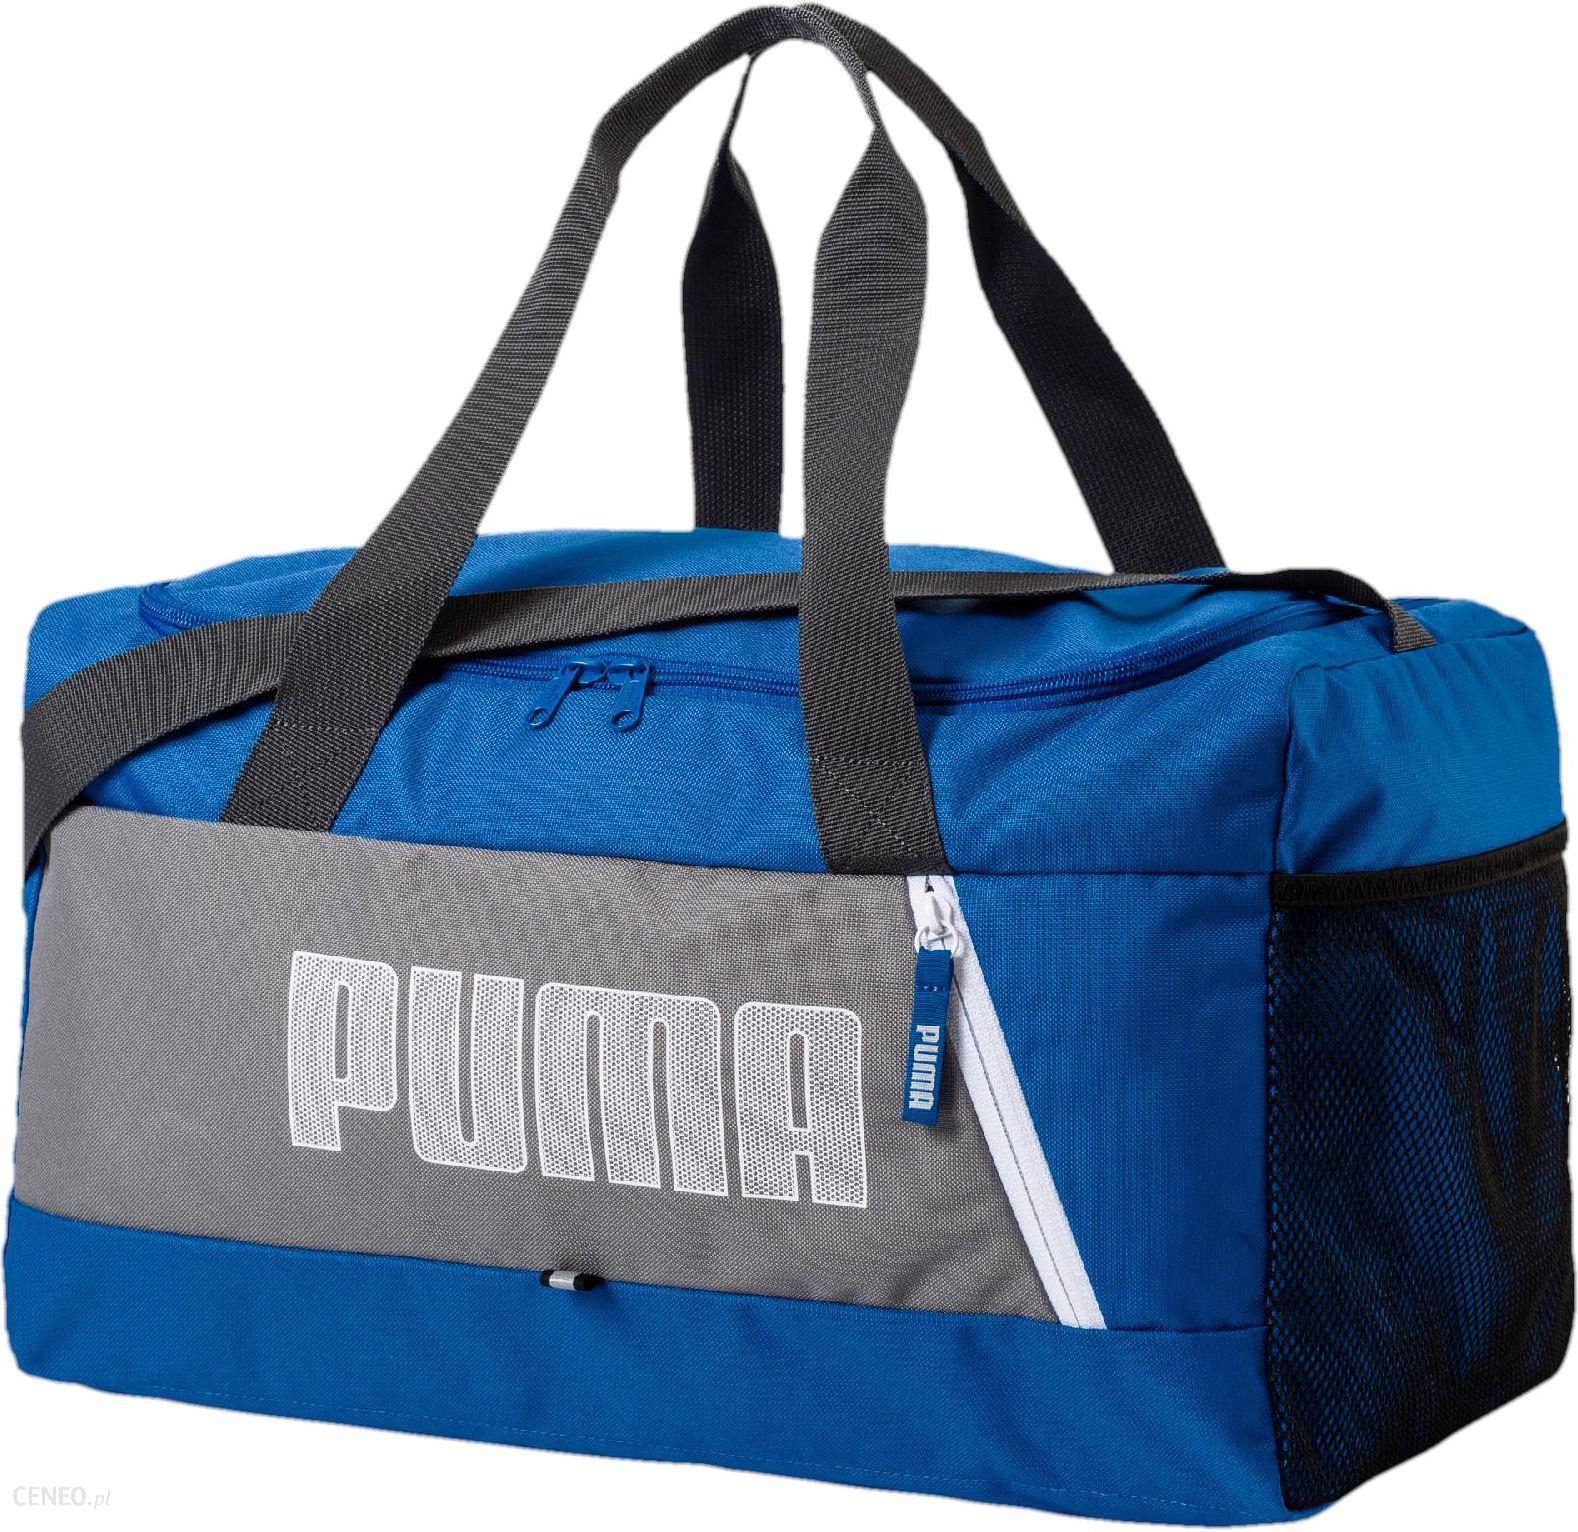 1e0a7bff8cf24 Torba sportowa Puma Fundamentals Sports Bag S - Ceny i opinie - Ceneo.pl